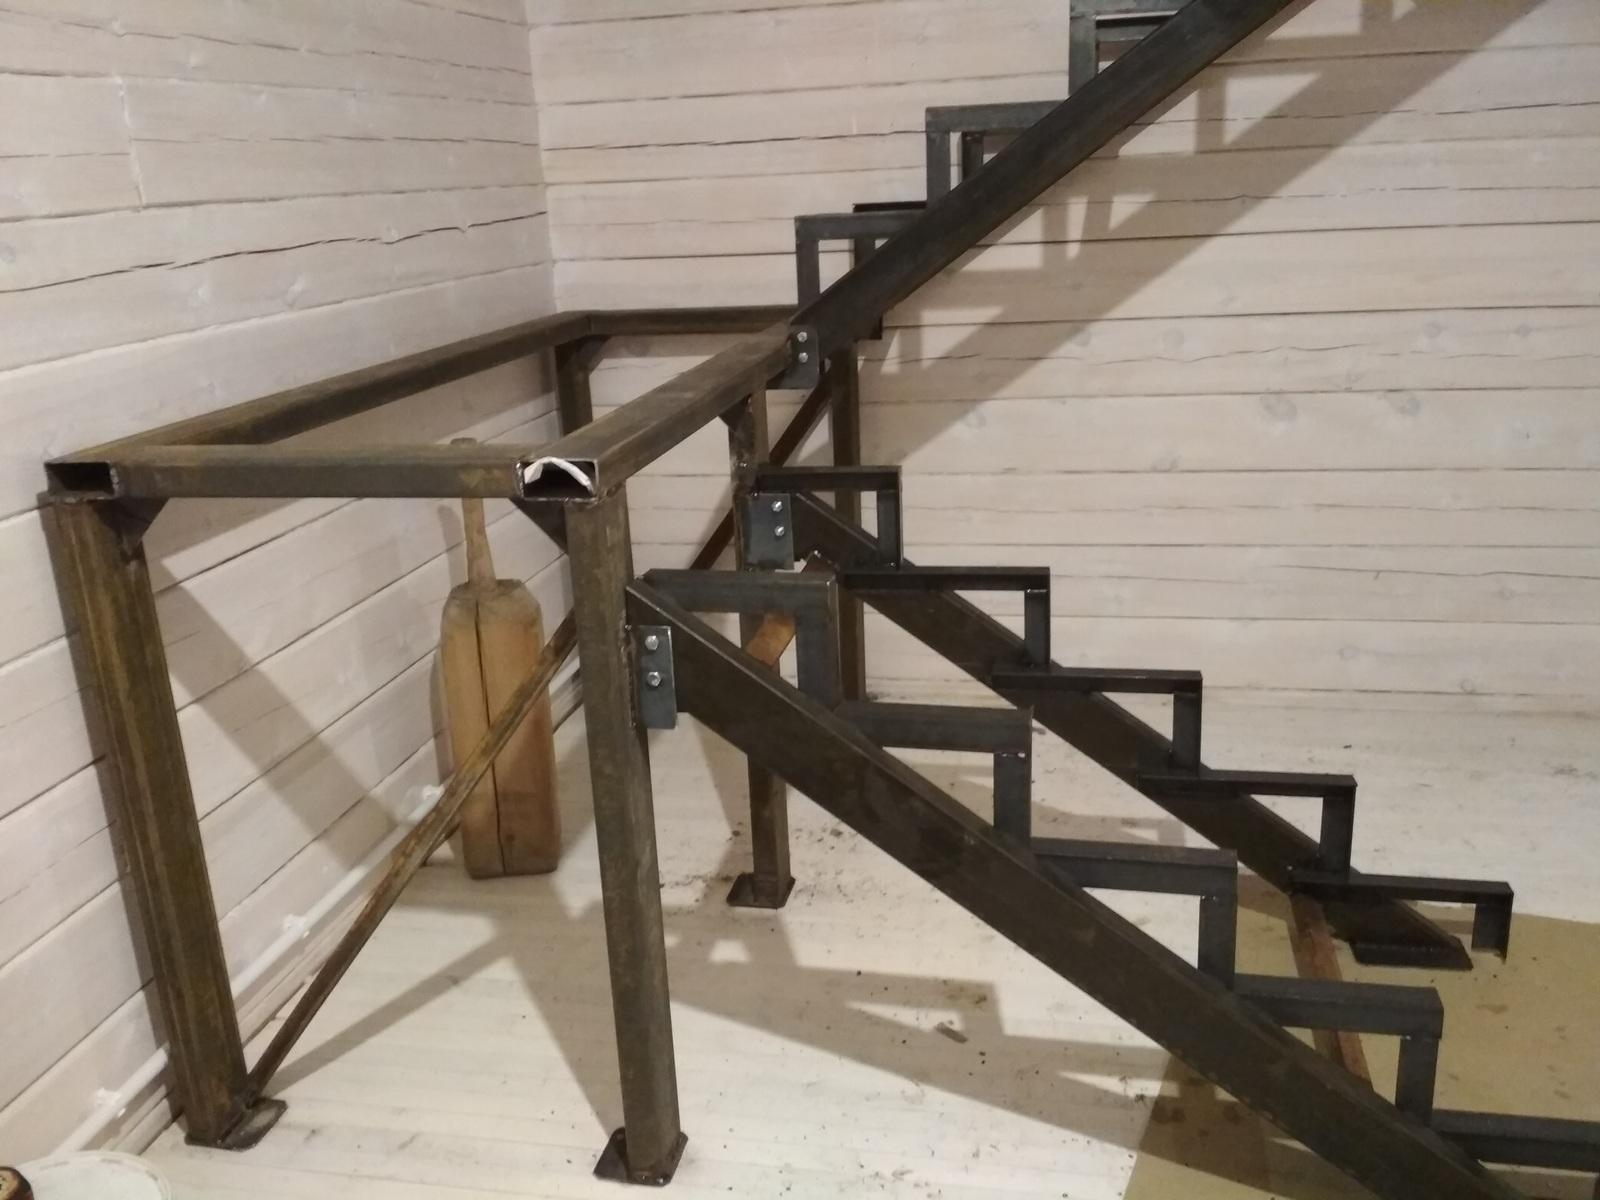 Лестница своими руками лестницы, ступеней, решил, сделано, метра, Каркас, посадить, сообщества, который, закрепил, помощи, только, Ступеньки, Далее, чтобы, Источник, Публиковать, кнопку, другая, история